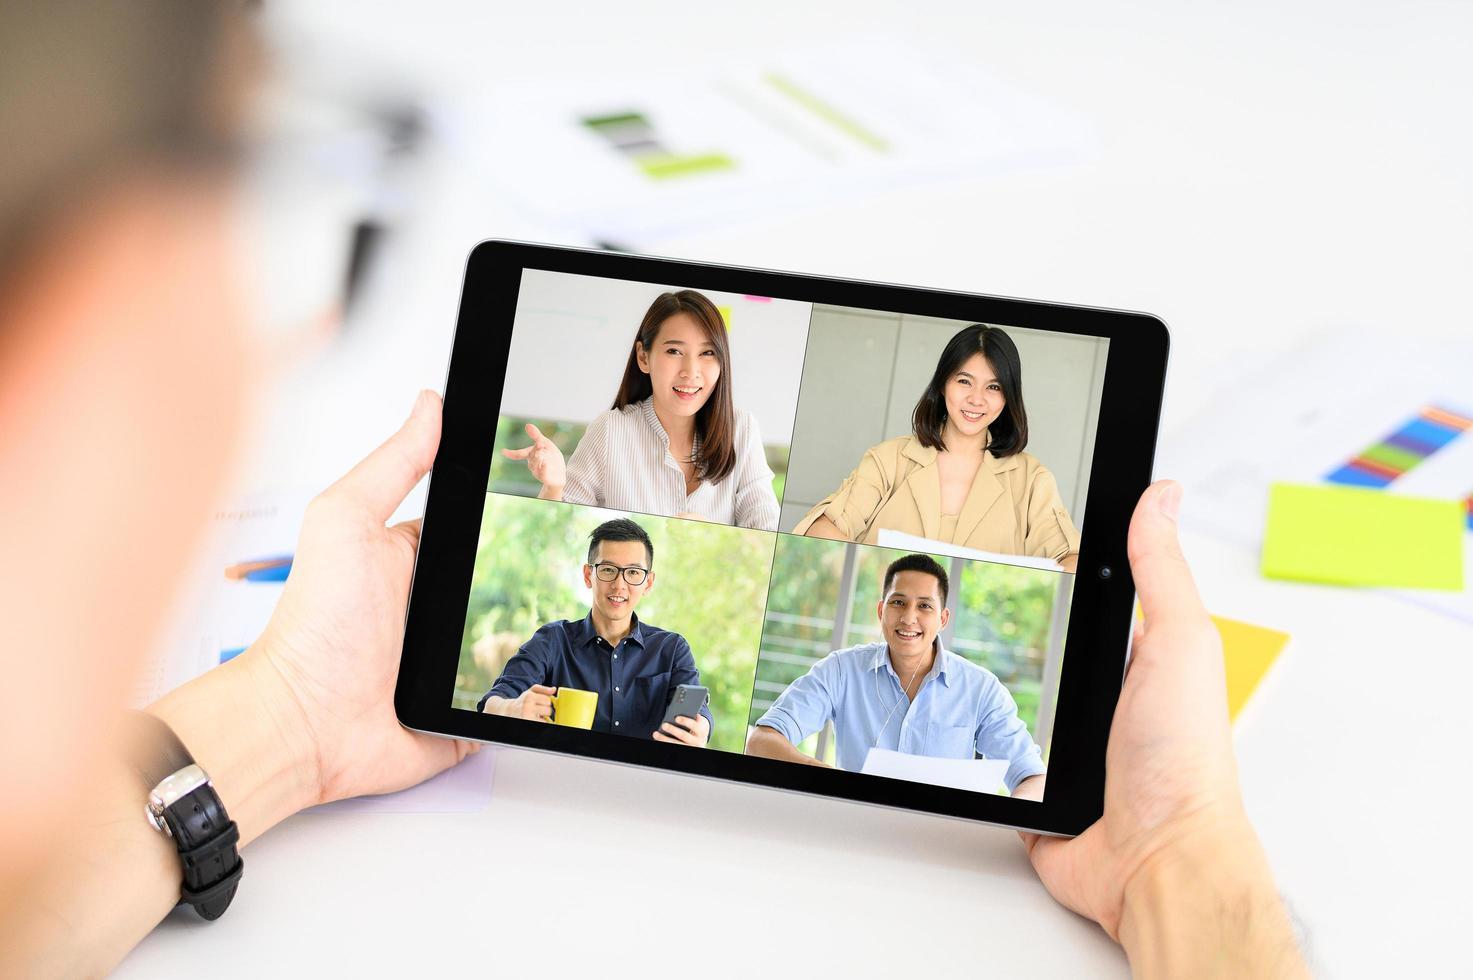 homme d'affaires rencontre des collègues asiatiques en vidéoconférence photo